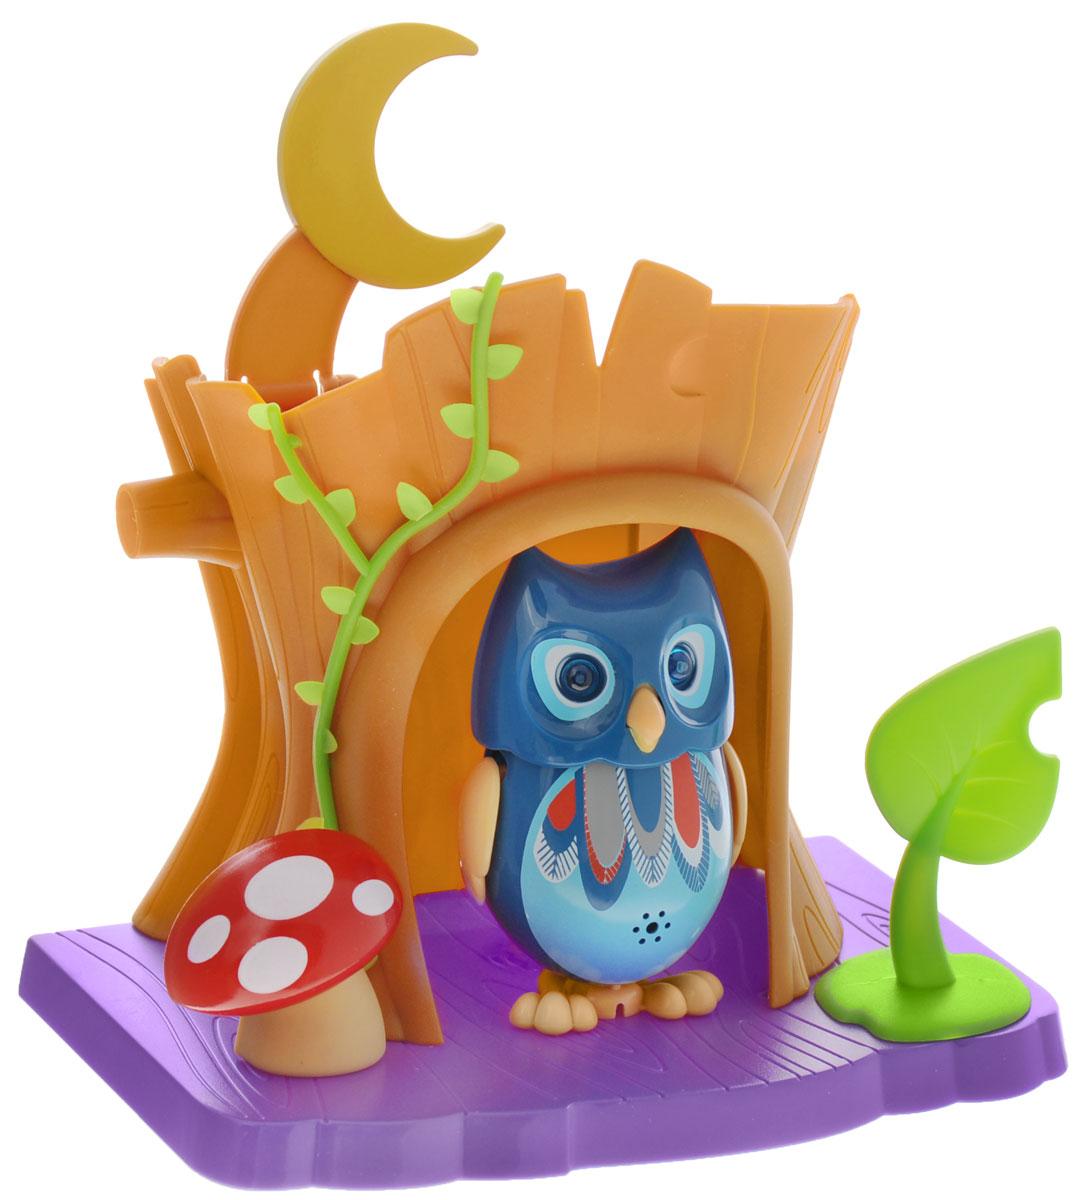 DigiOwls Интерактивный игровой набор Сова с домиком цвет синий - Интерактивные игрушки